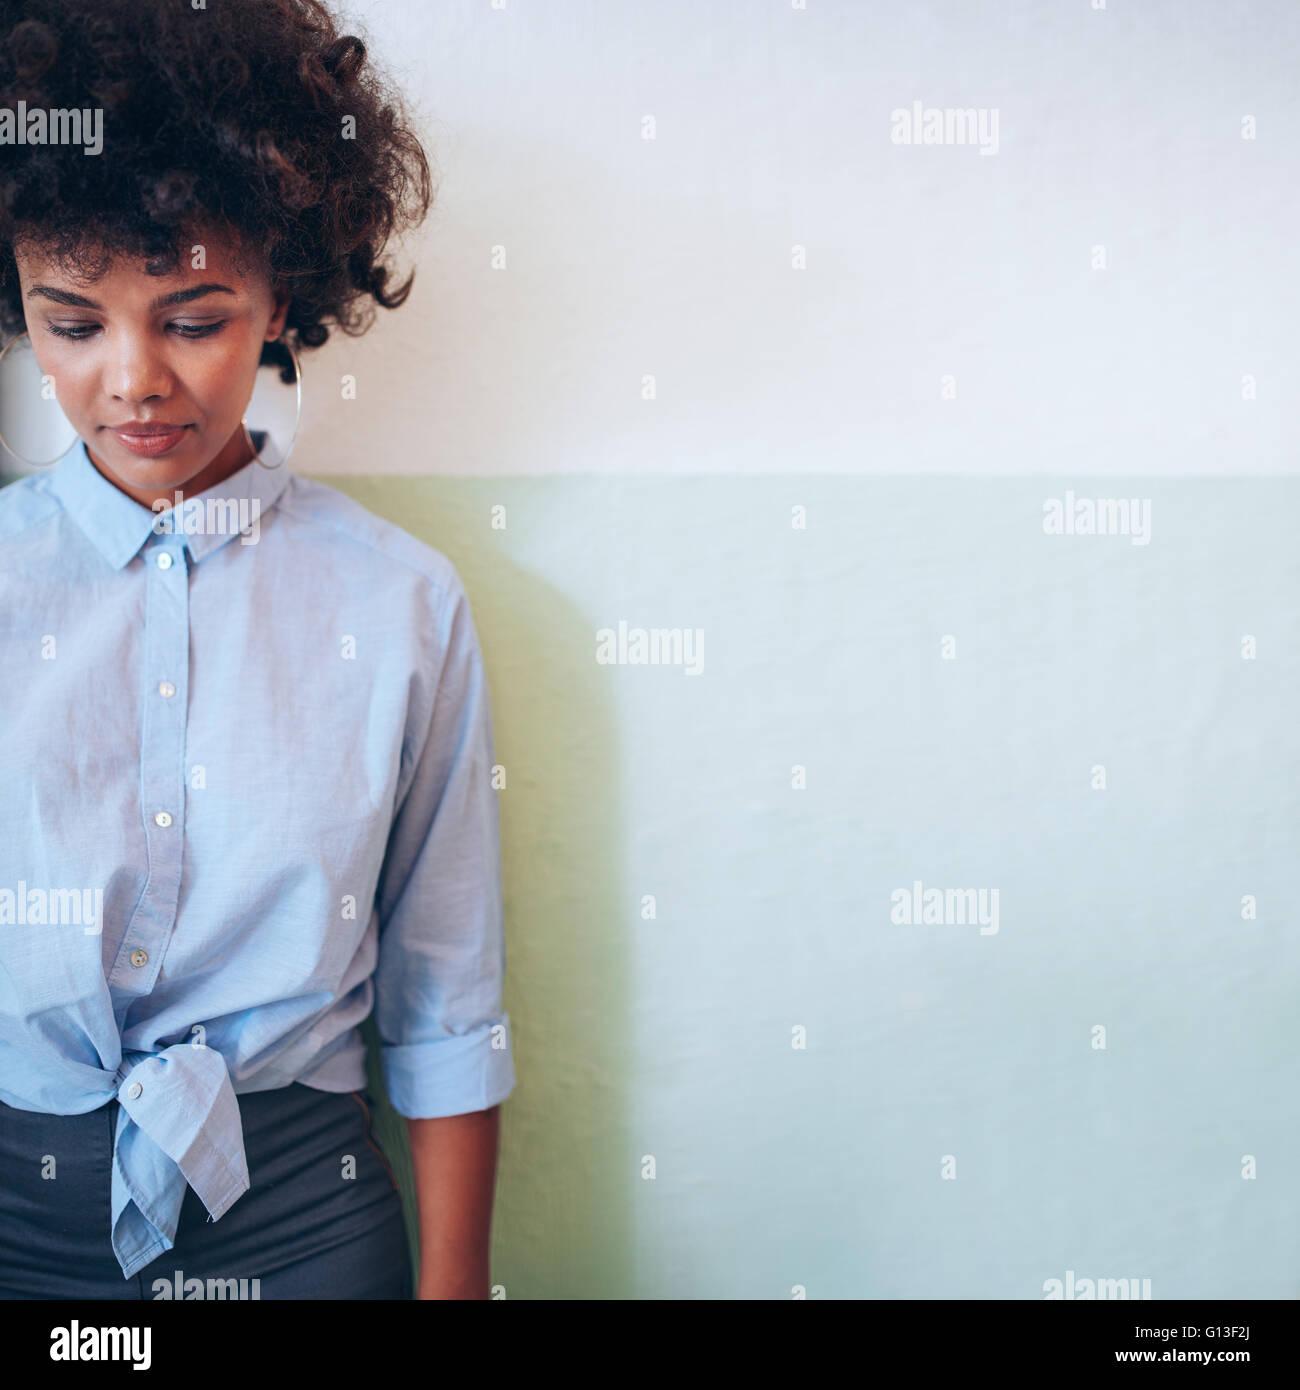 Imagen recortada de la hermosa joven africana de pie contra la pared y mirando hacia abajo. Hembra de raza mixta Imagen De Stock